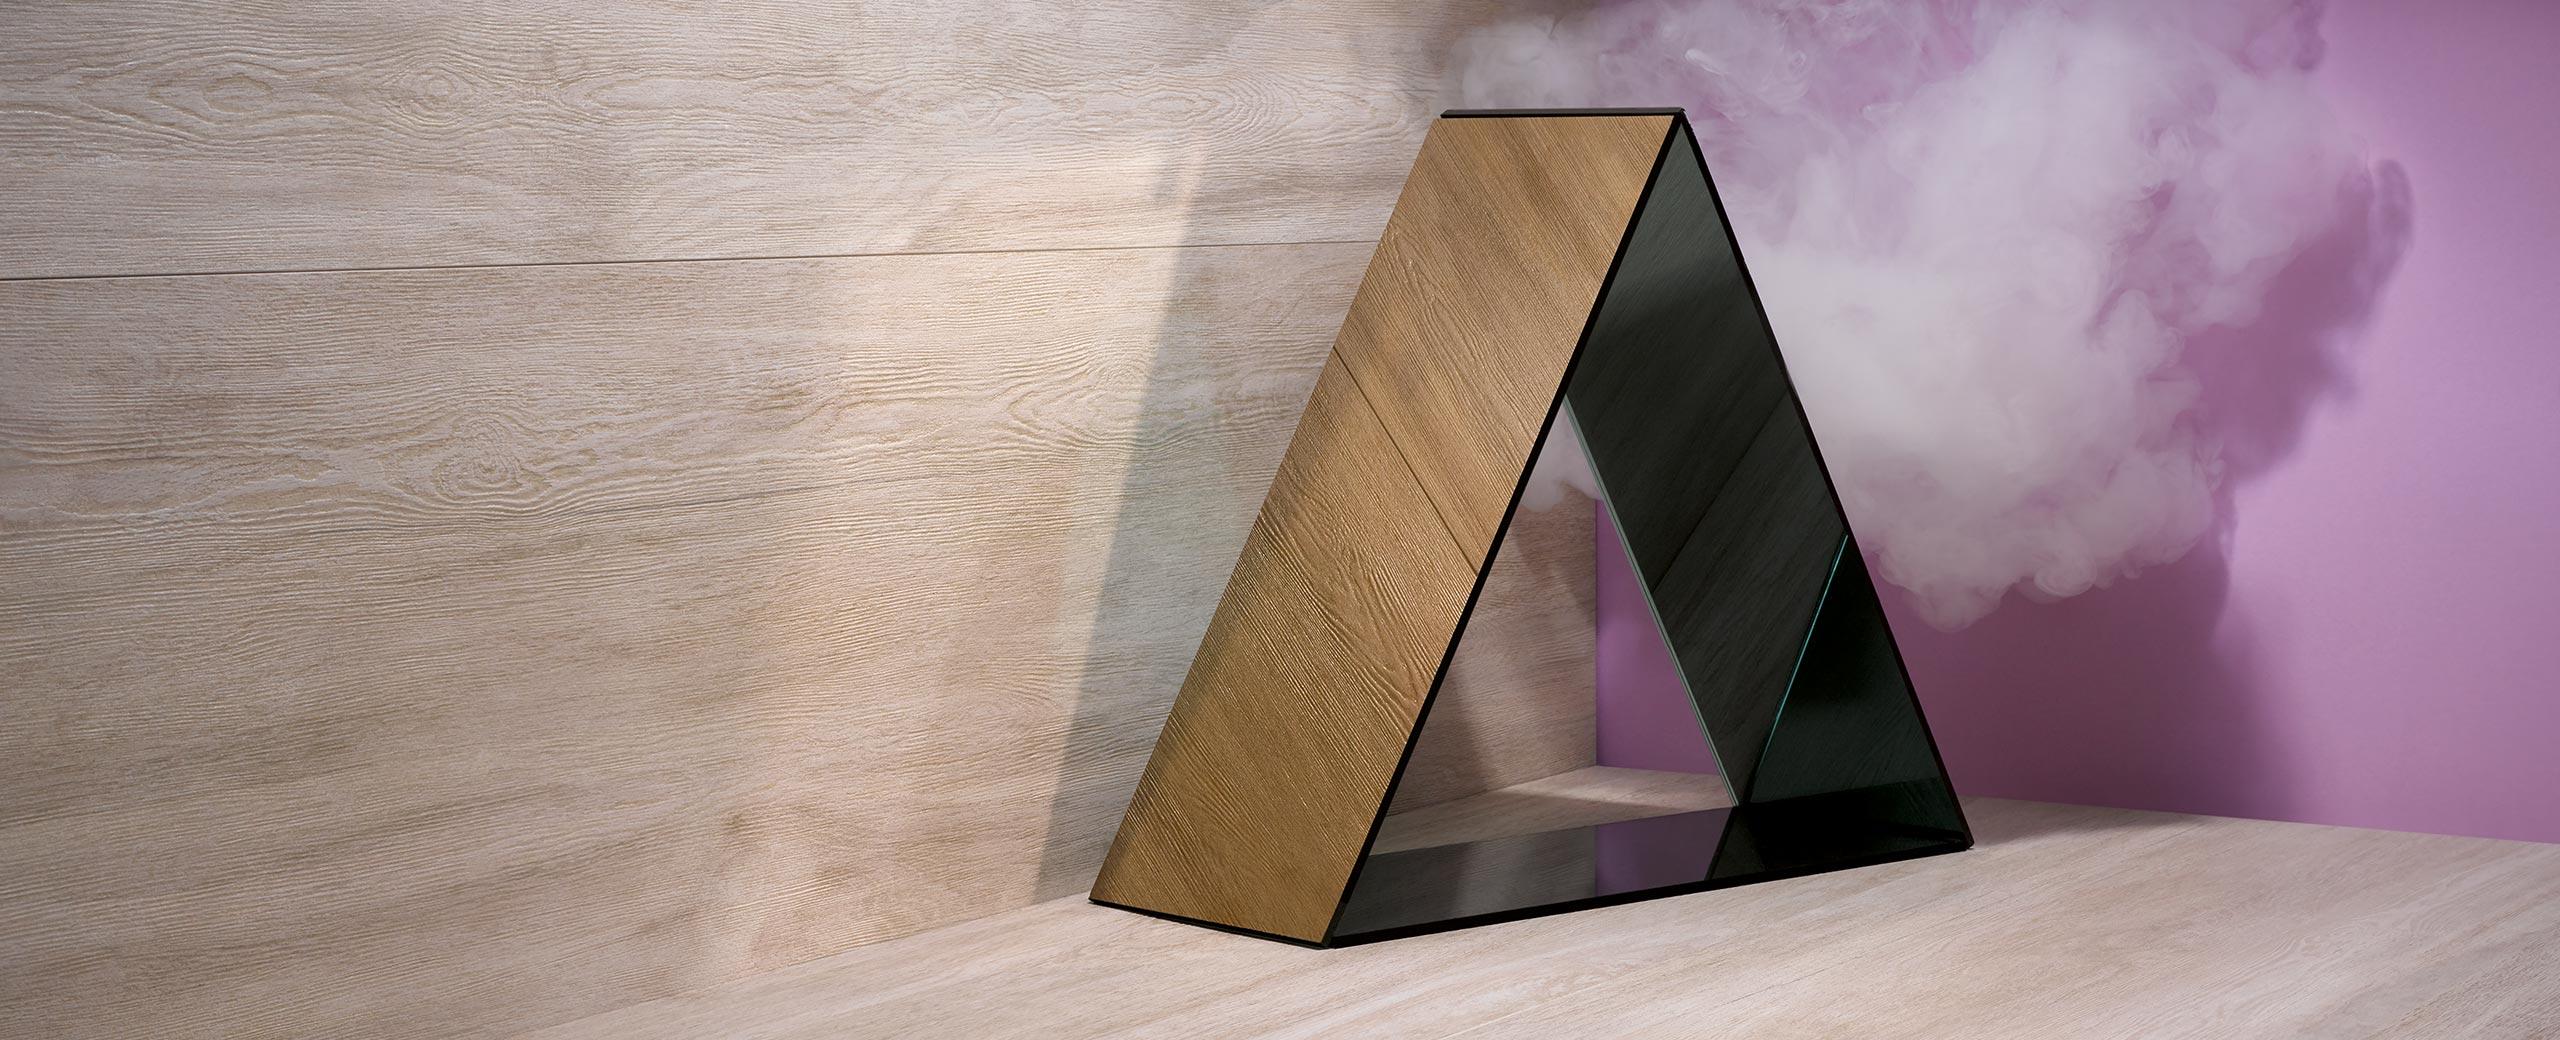 Kemmler Webdesign Pyramide Wolke Holzwand